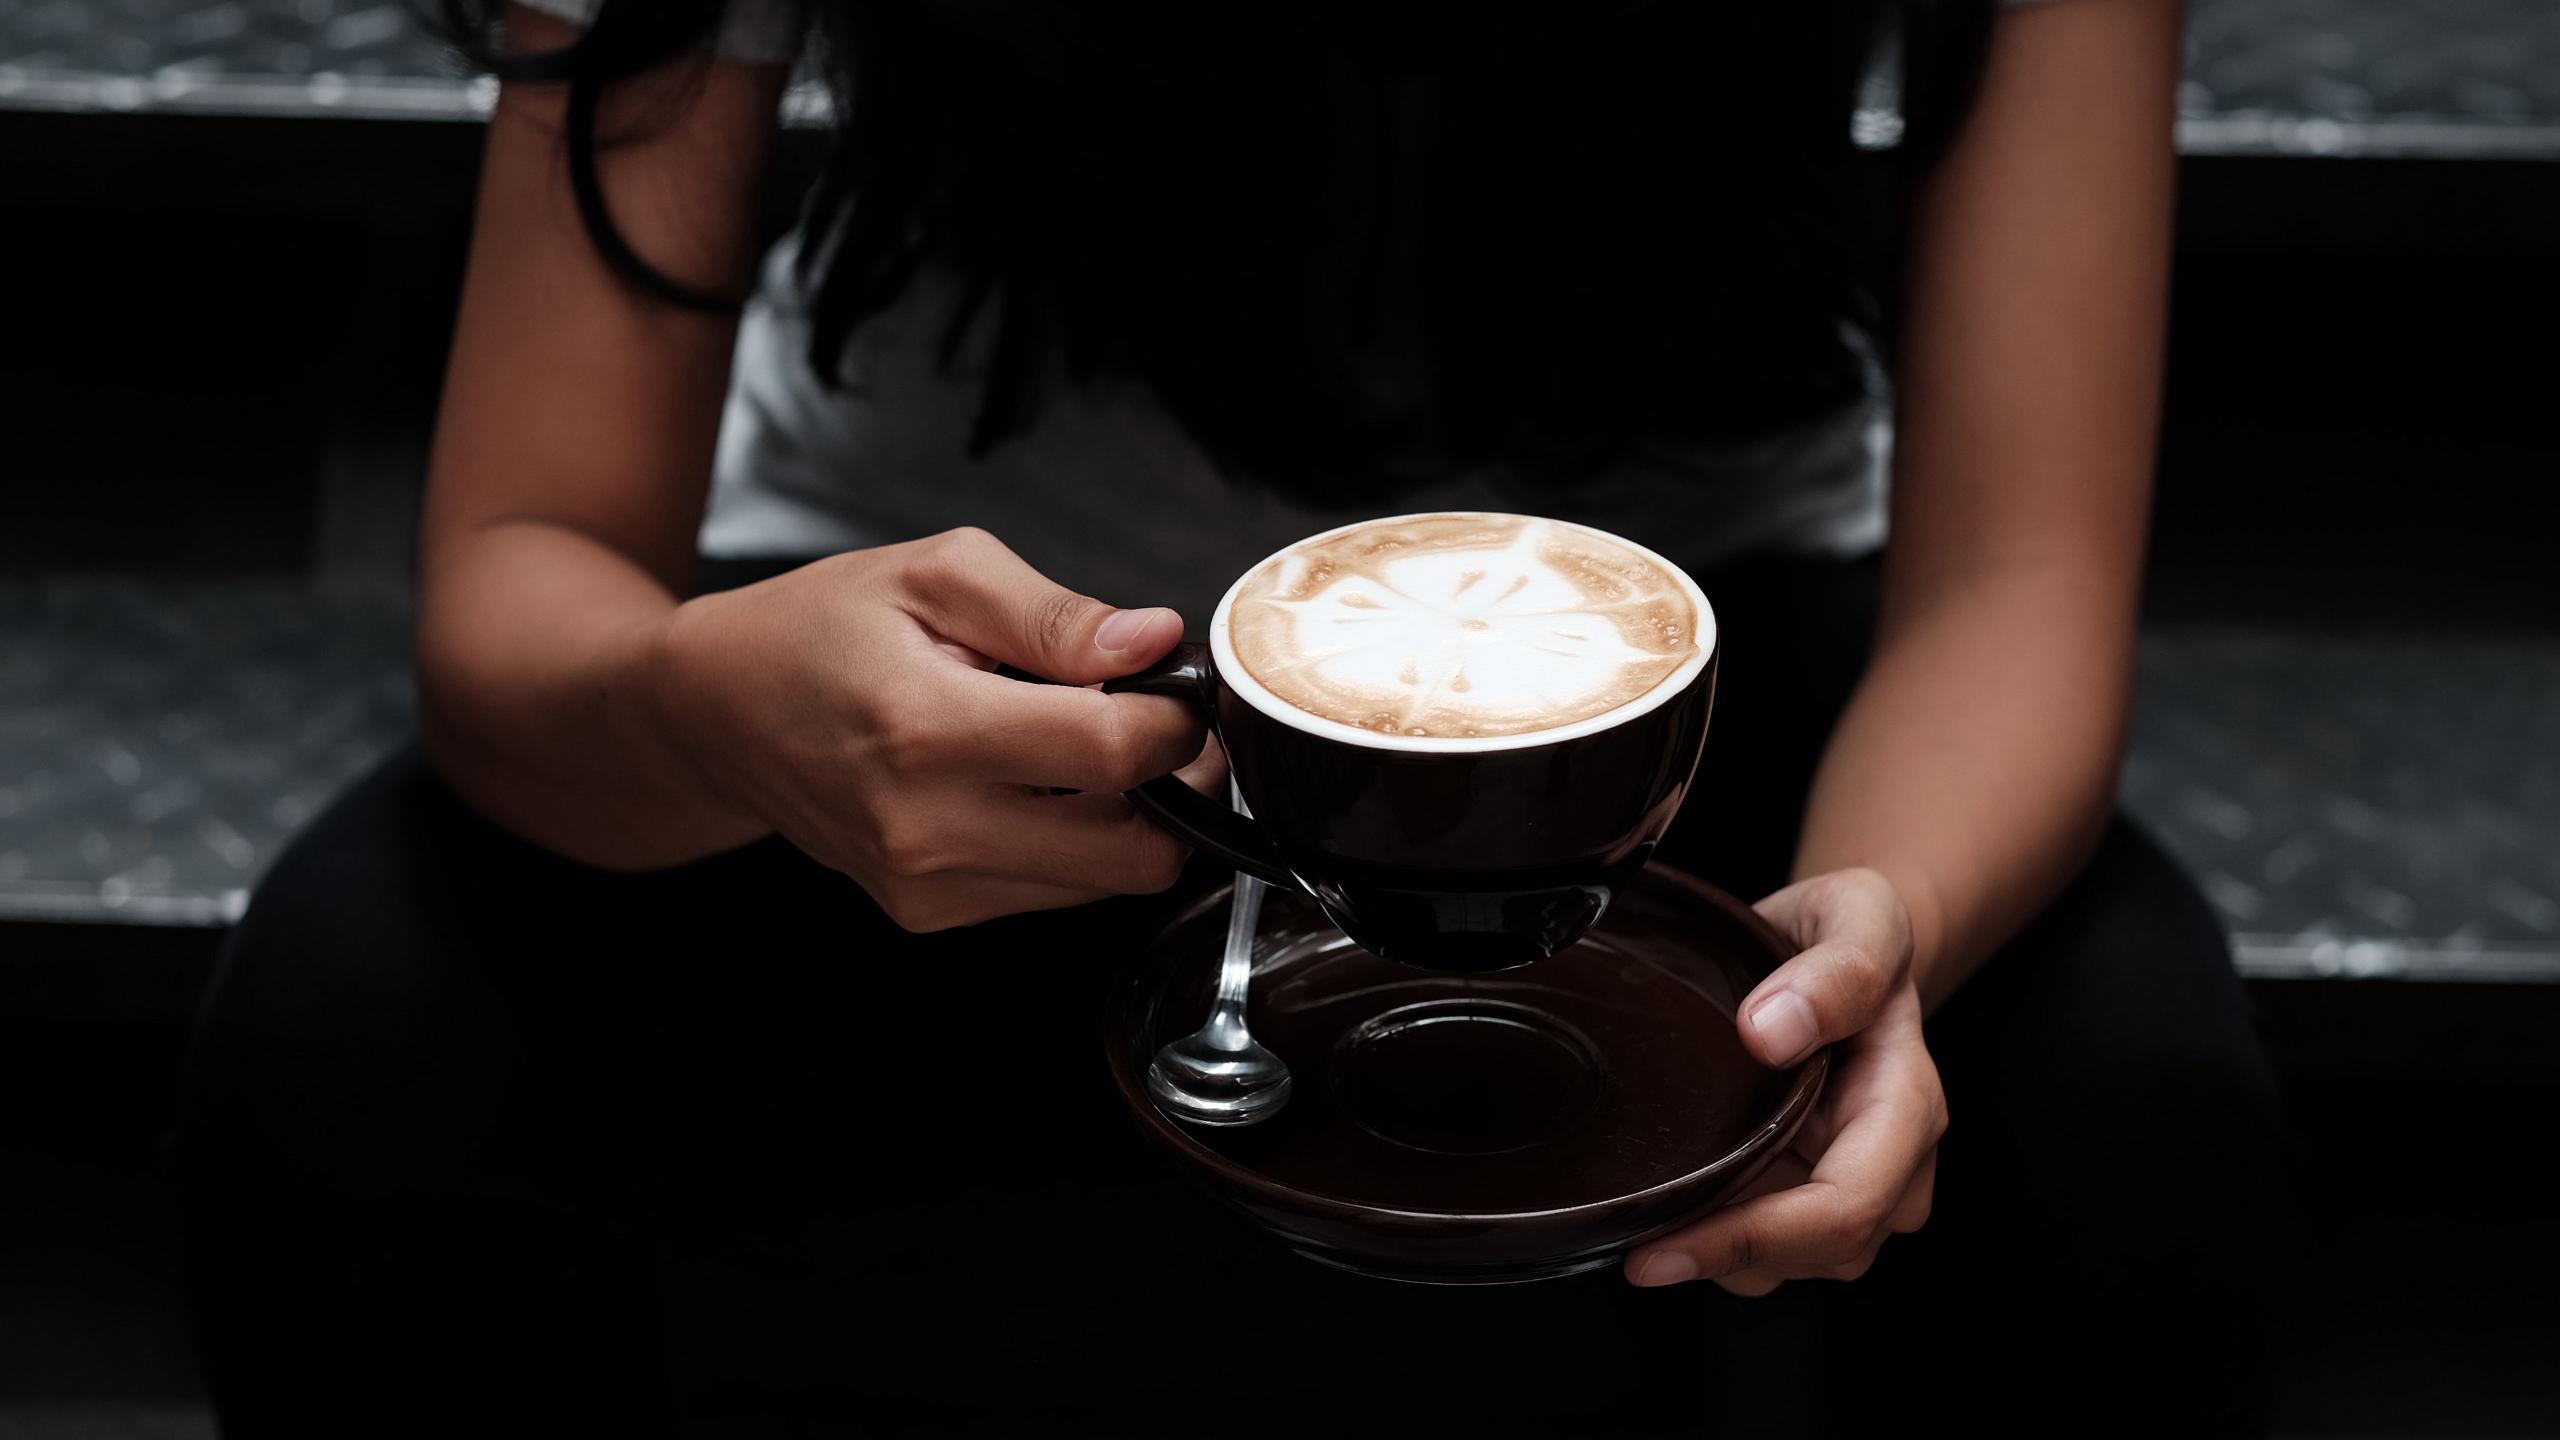 Регулярное потребление кофе снизило риск развития аритмии